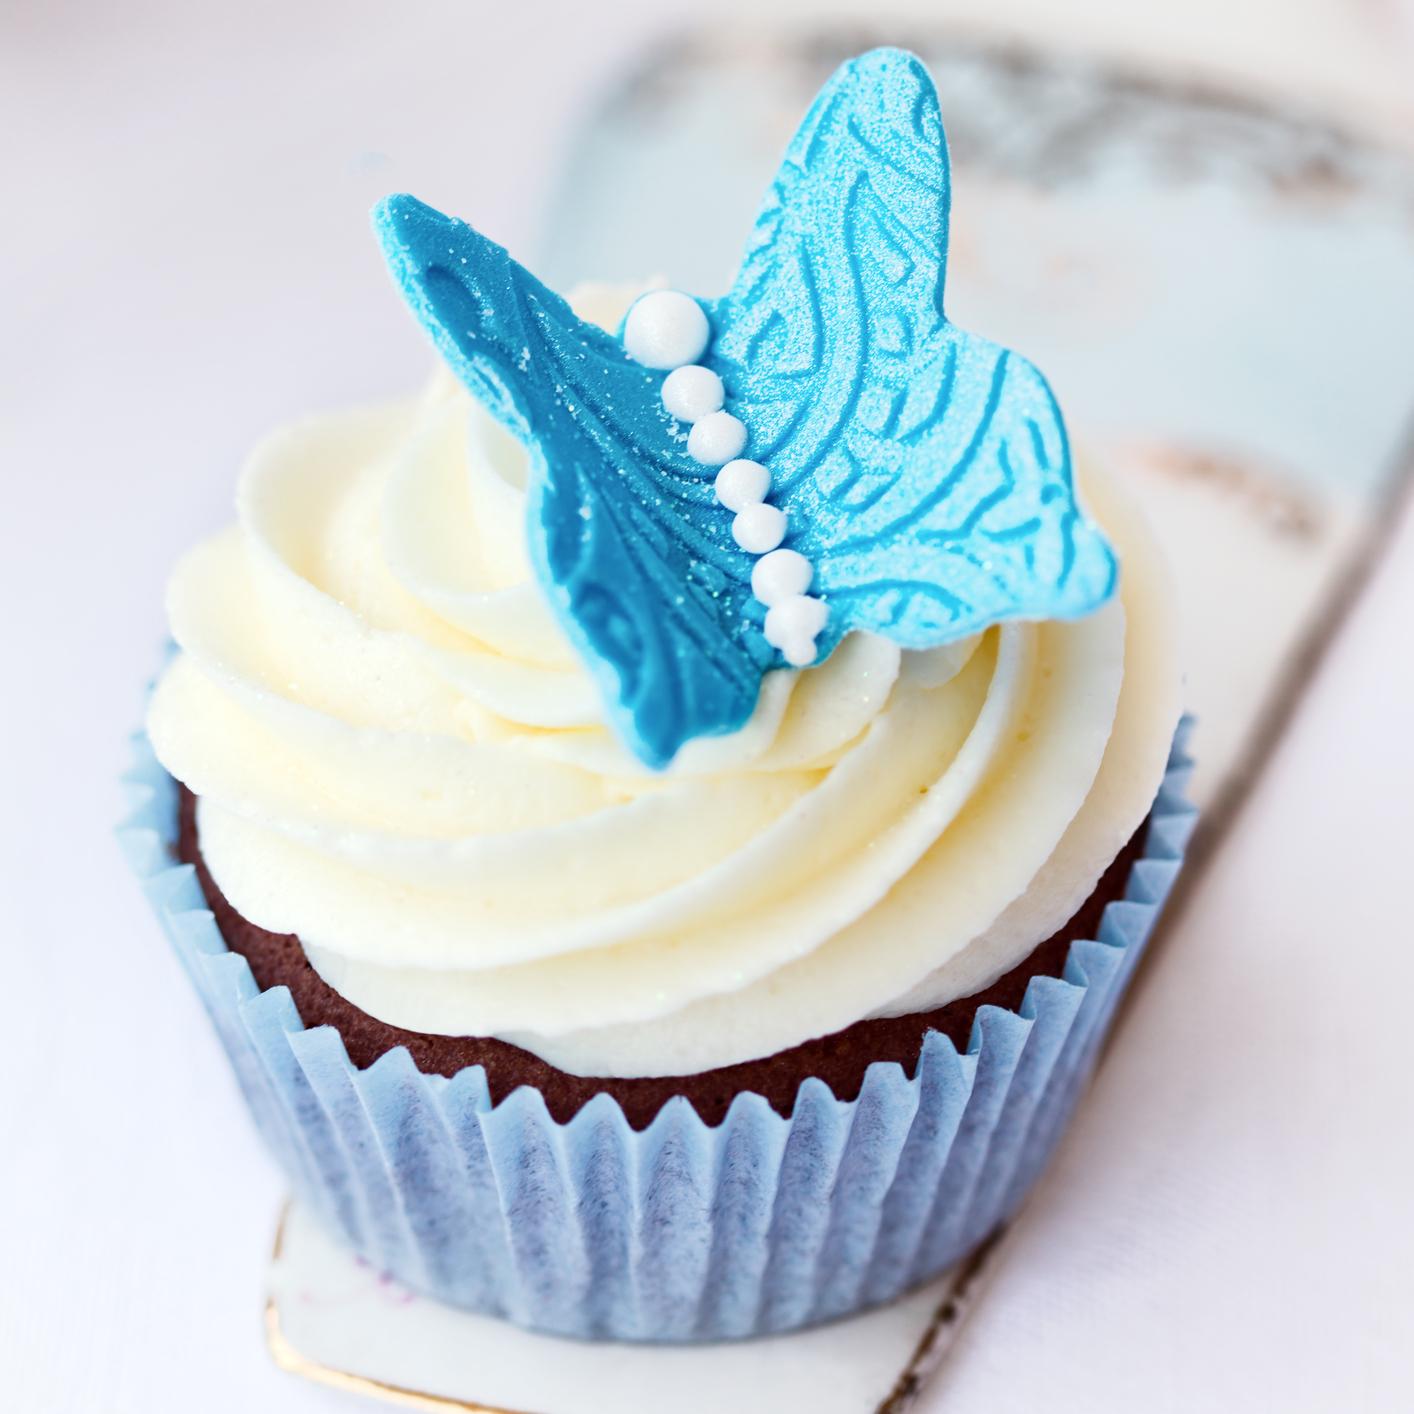 Mariposas de pasta de azúcar decorativas